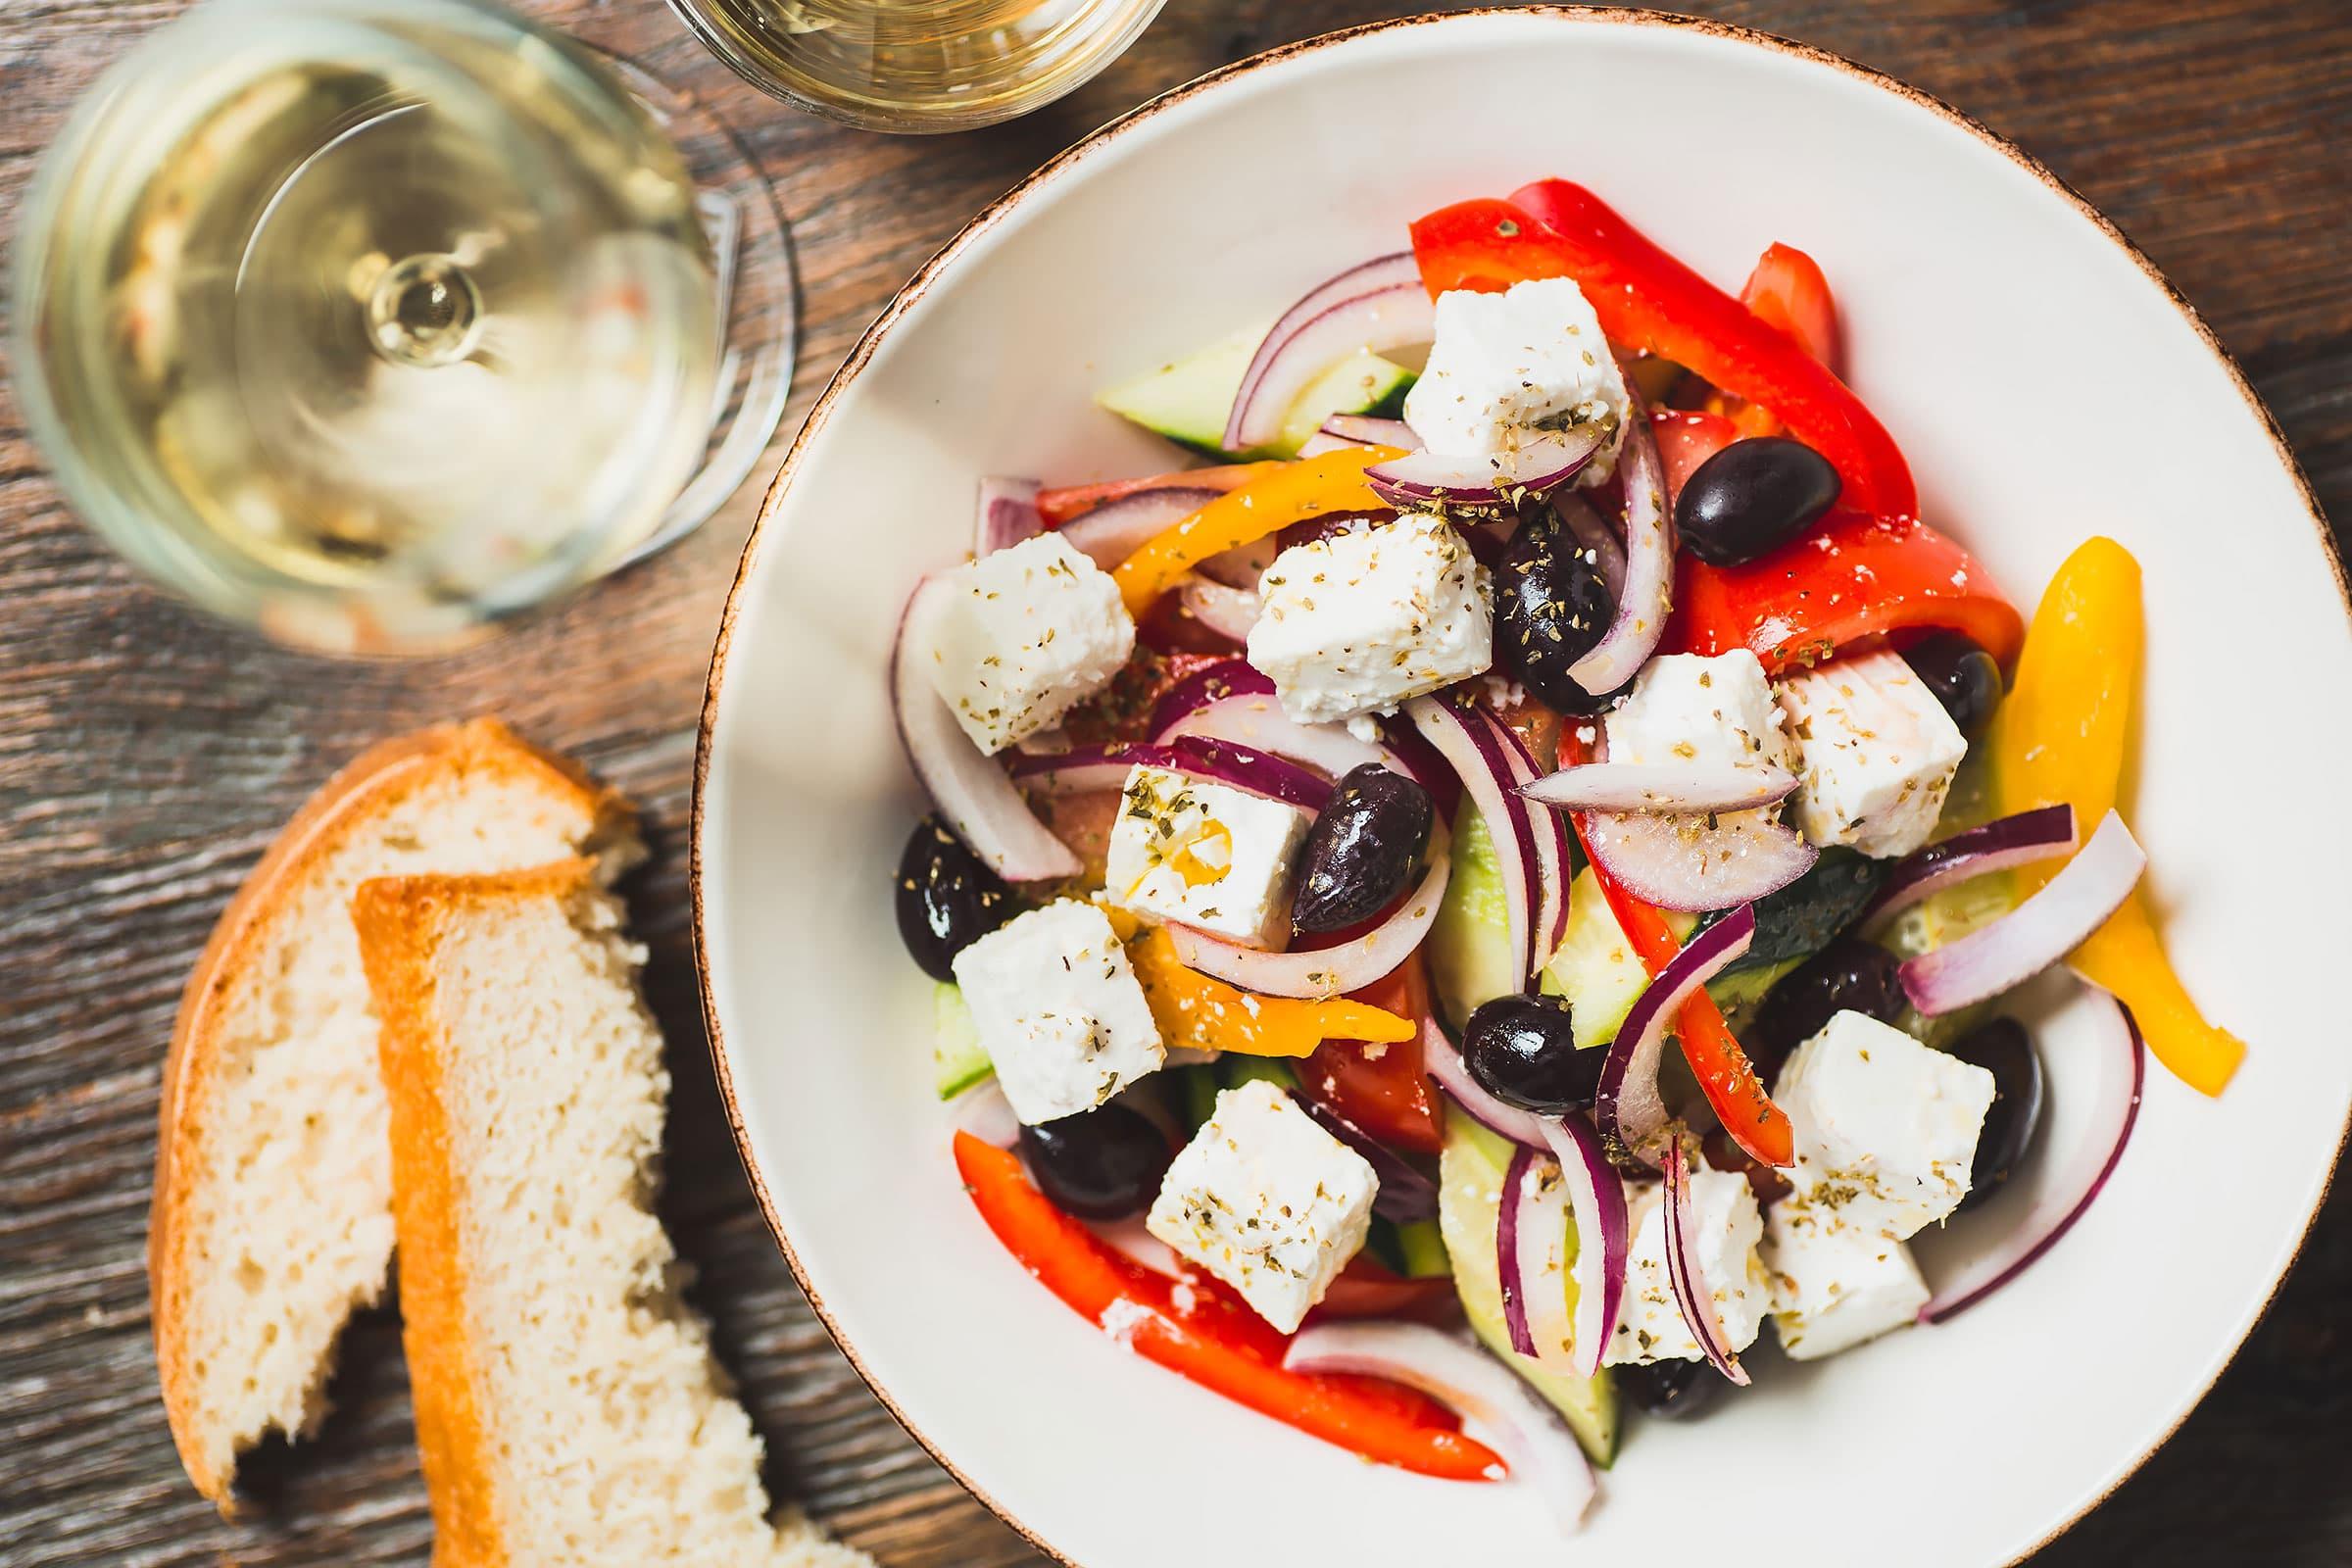 grekisk mat stockholm